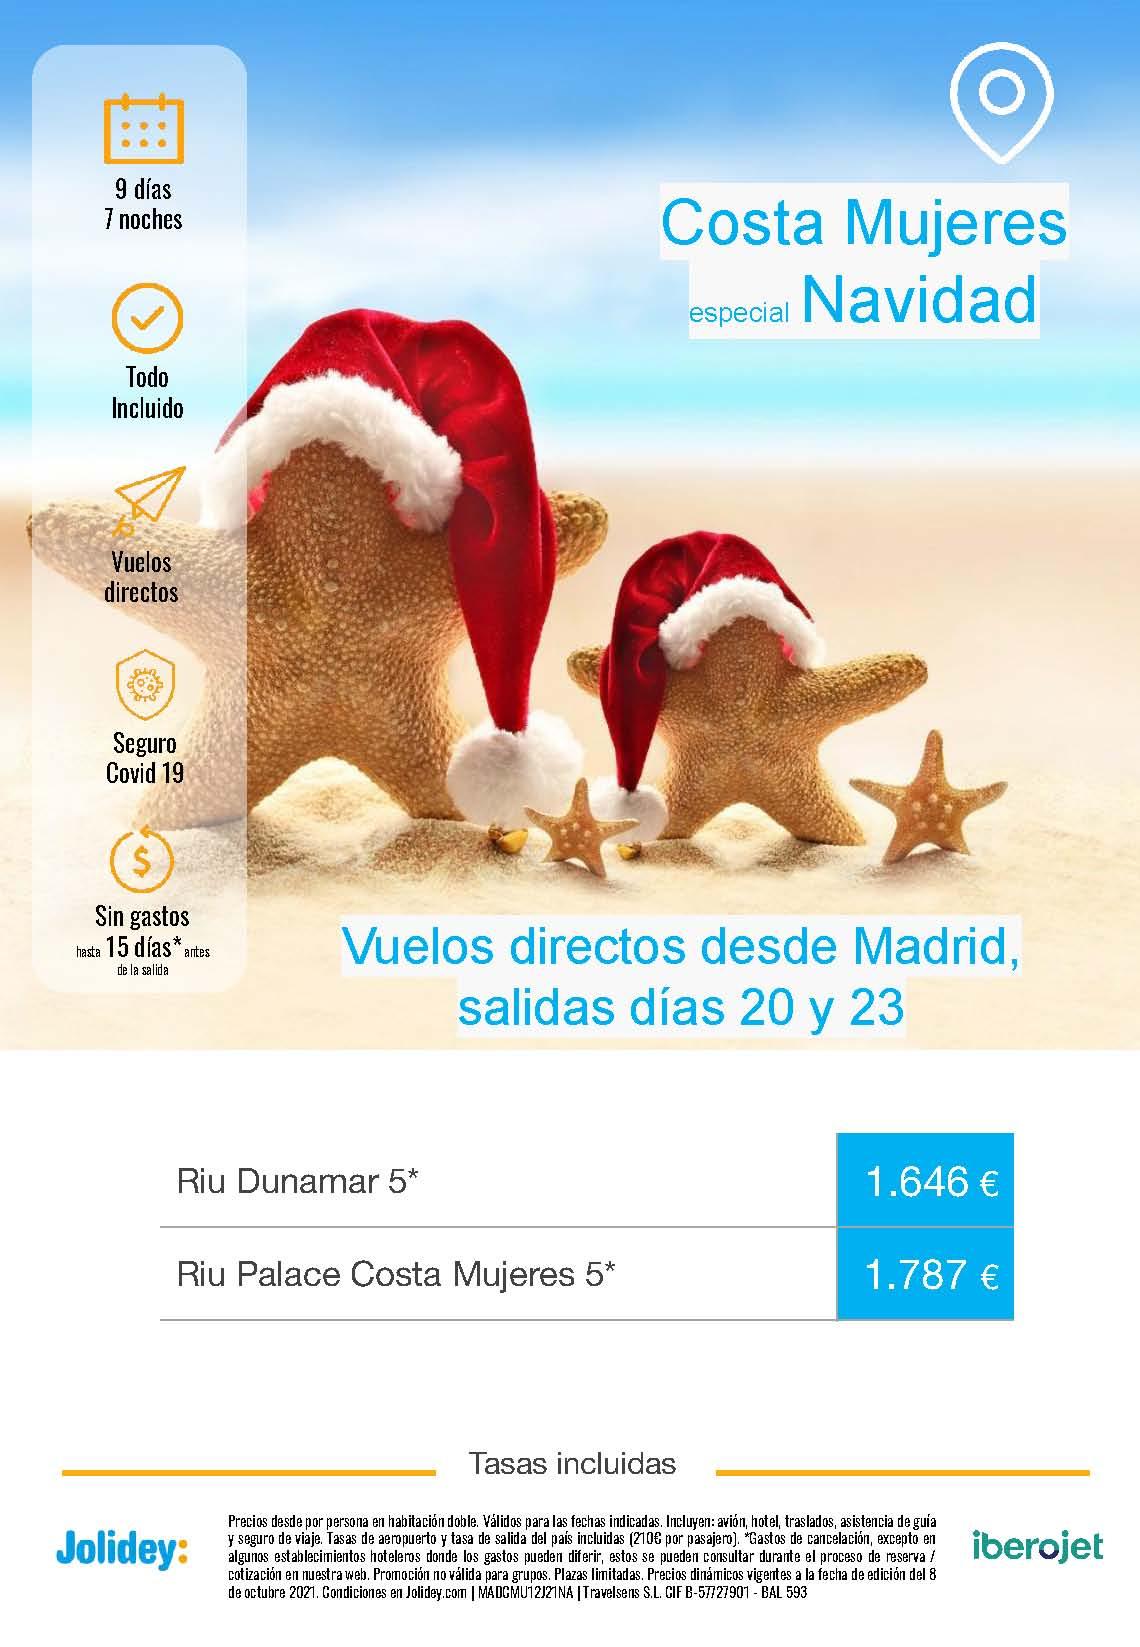 Ofertas Jolidey Navidad 2021 en Costa Mujeres Mexico salida en vuelo directo desde Madrid